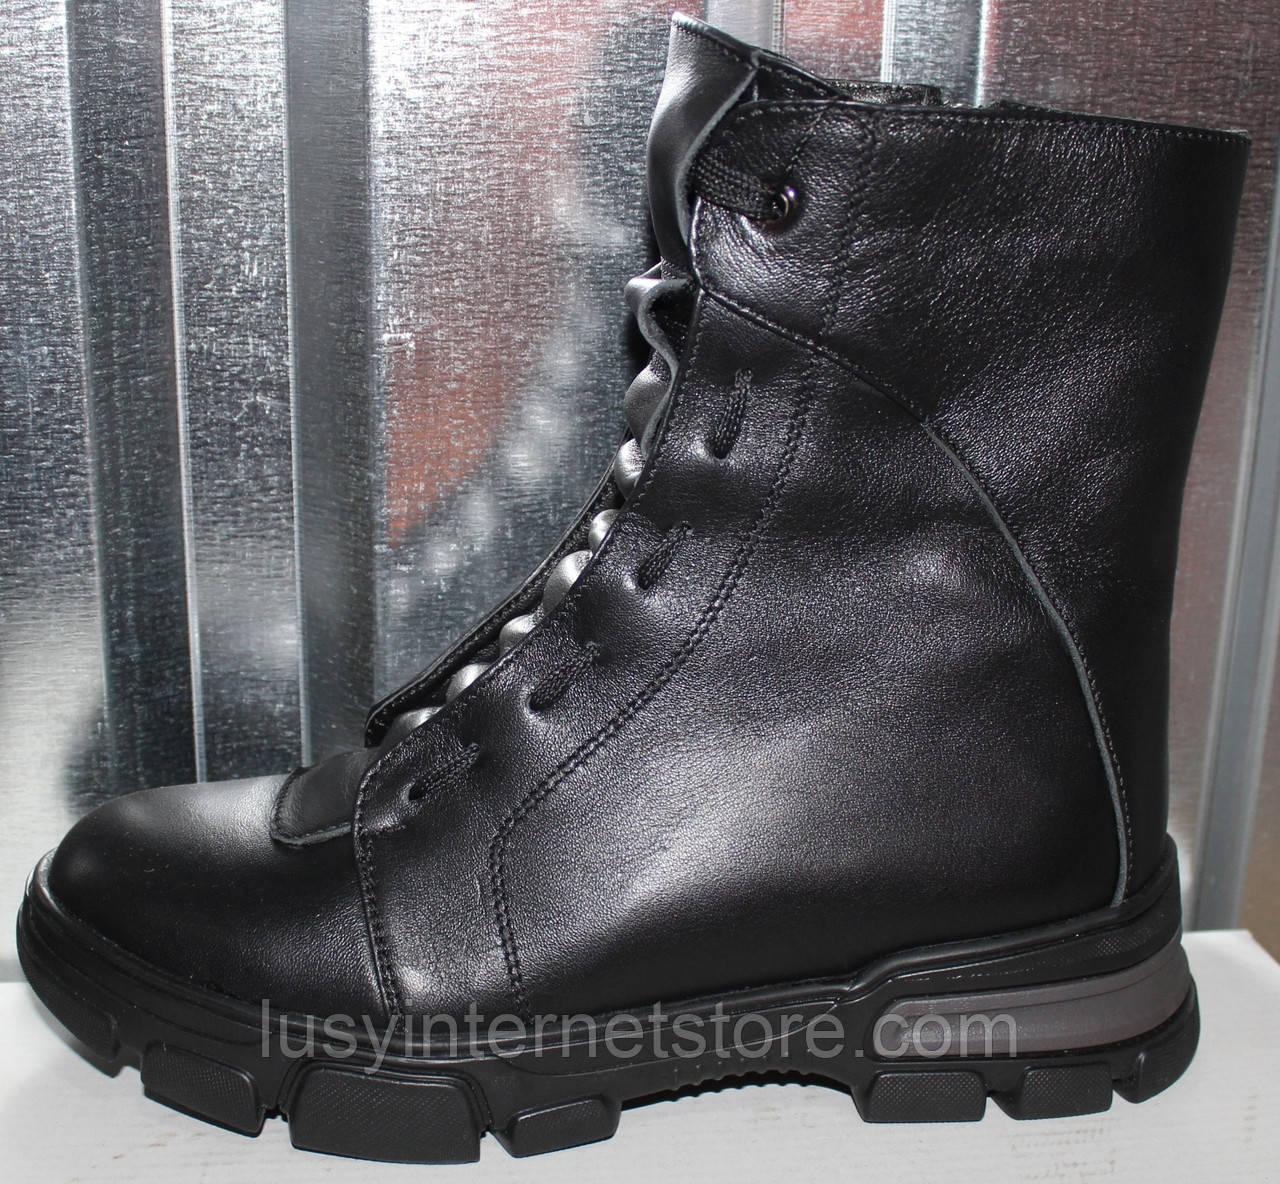 Ботинки черные кожаные женские зимние от производителя модель РИ1011